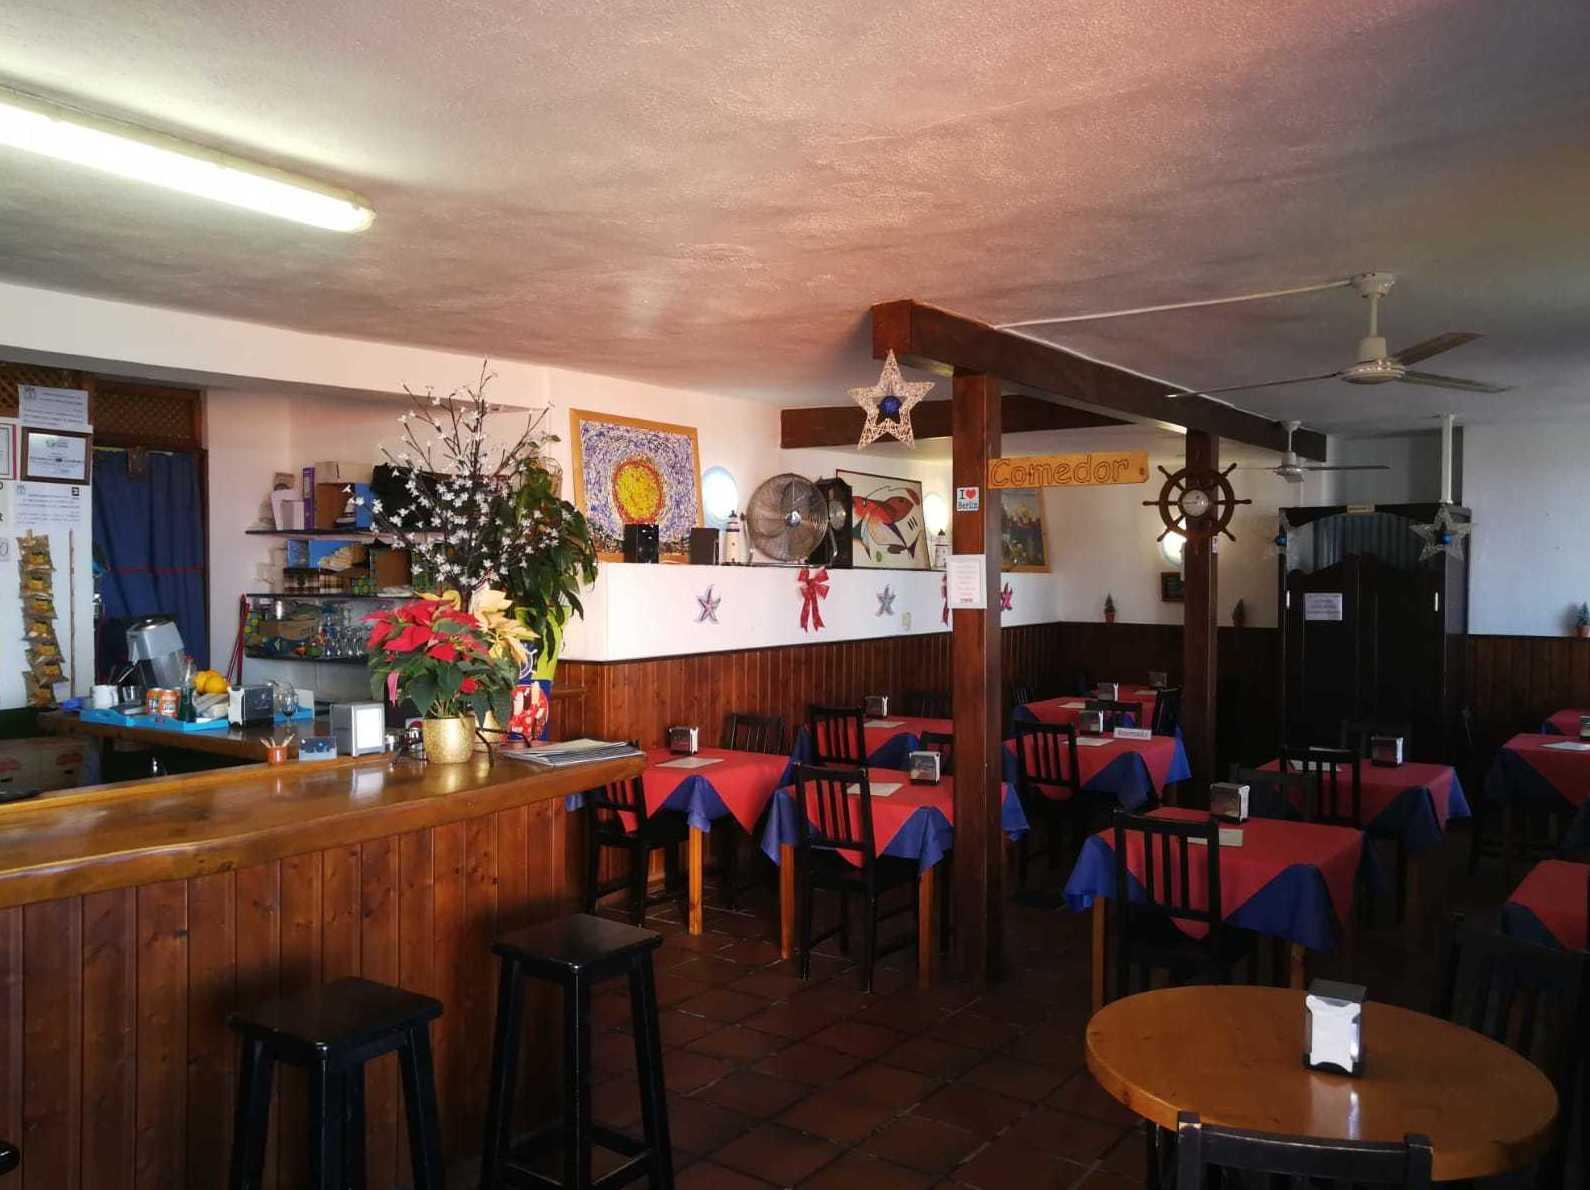 Foto 1 de Restaurante en Frontera | Restaurante Garañones